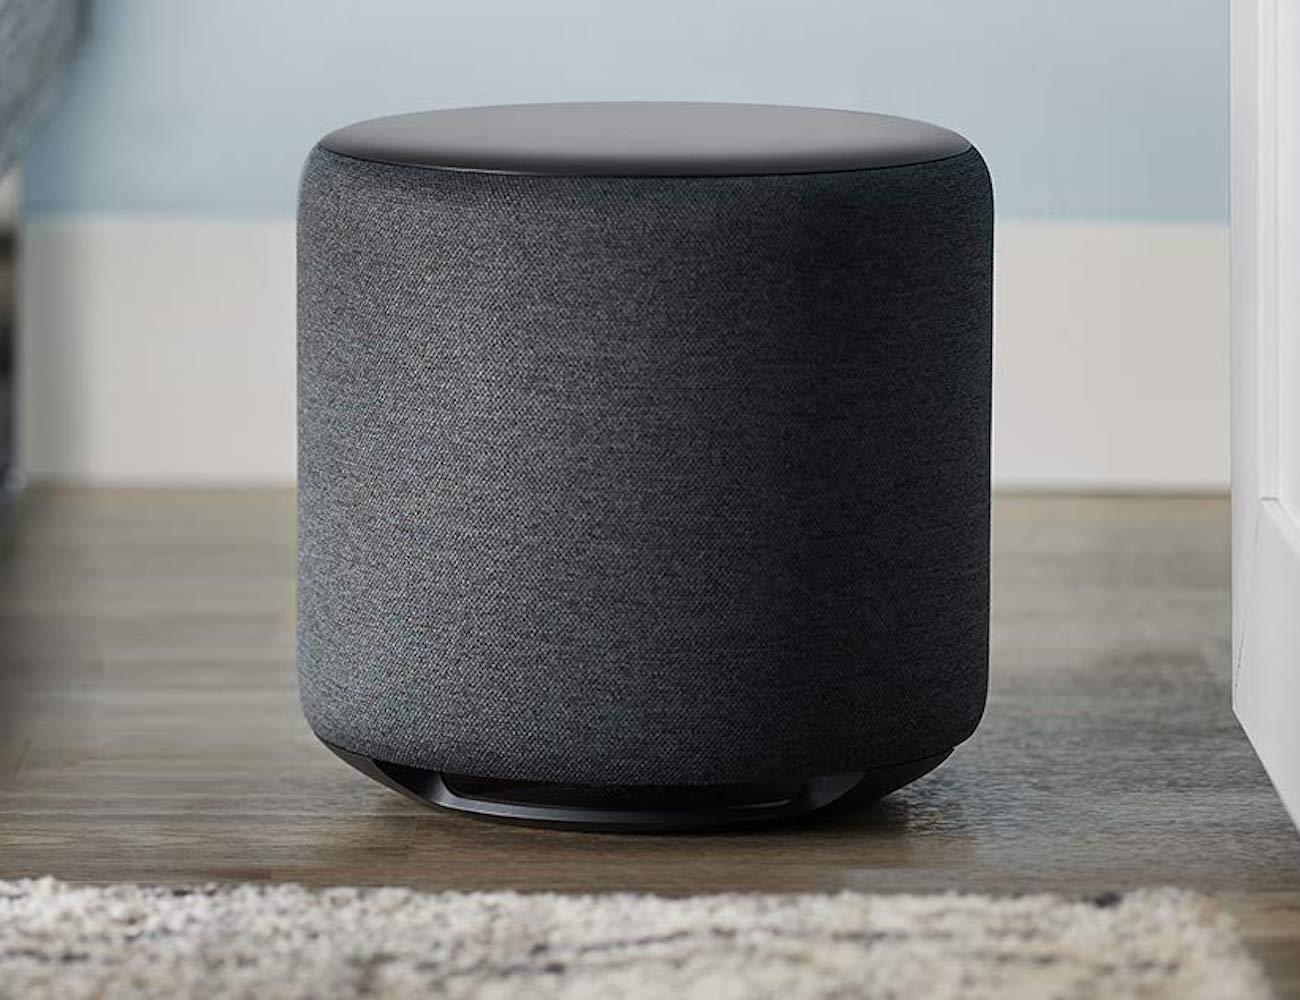 Amazon Echo Sub Subwoofer